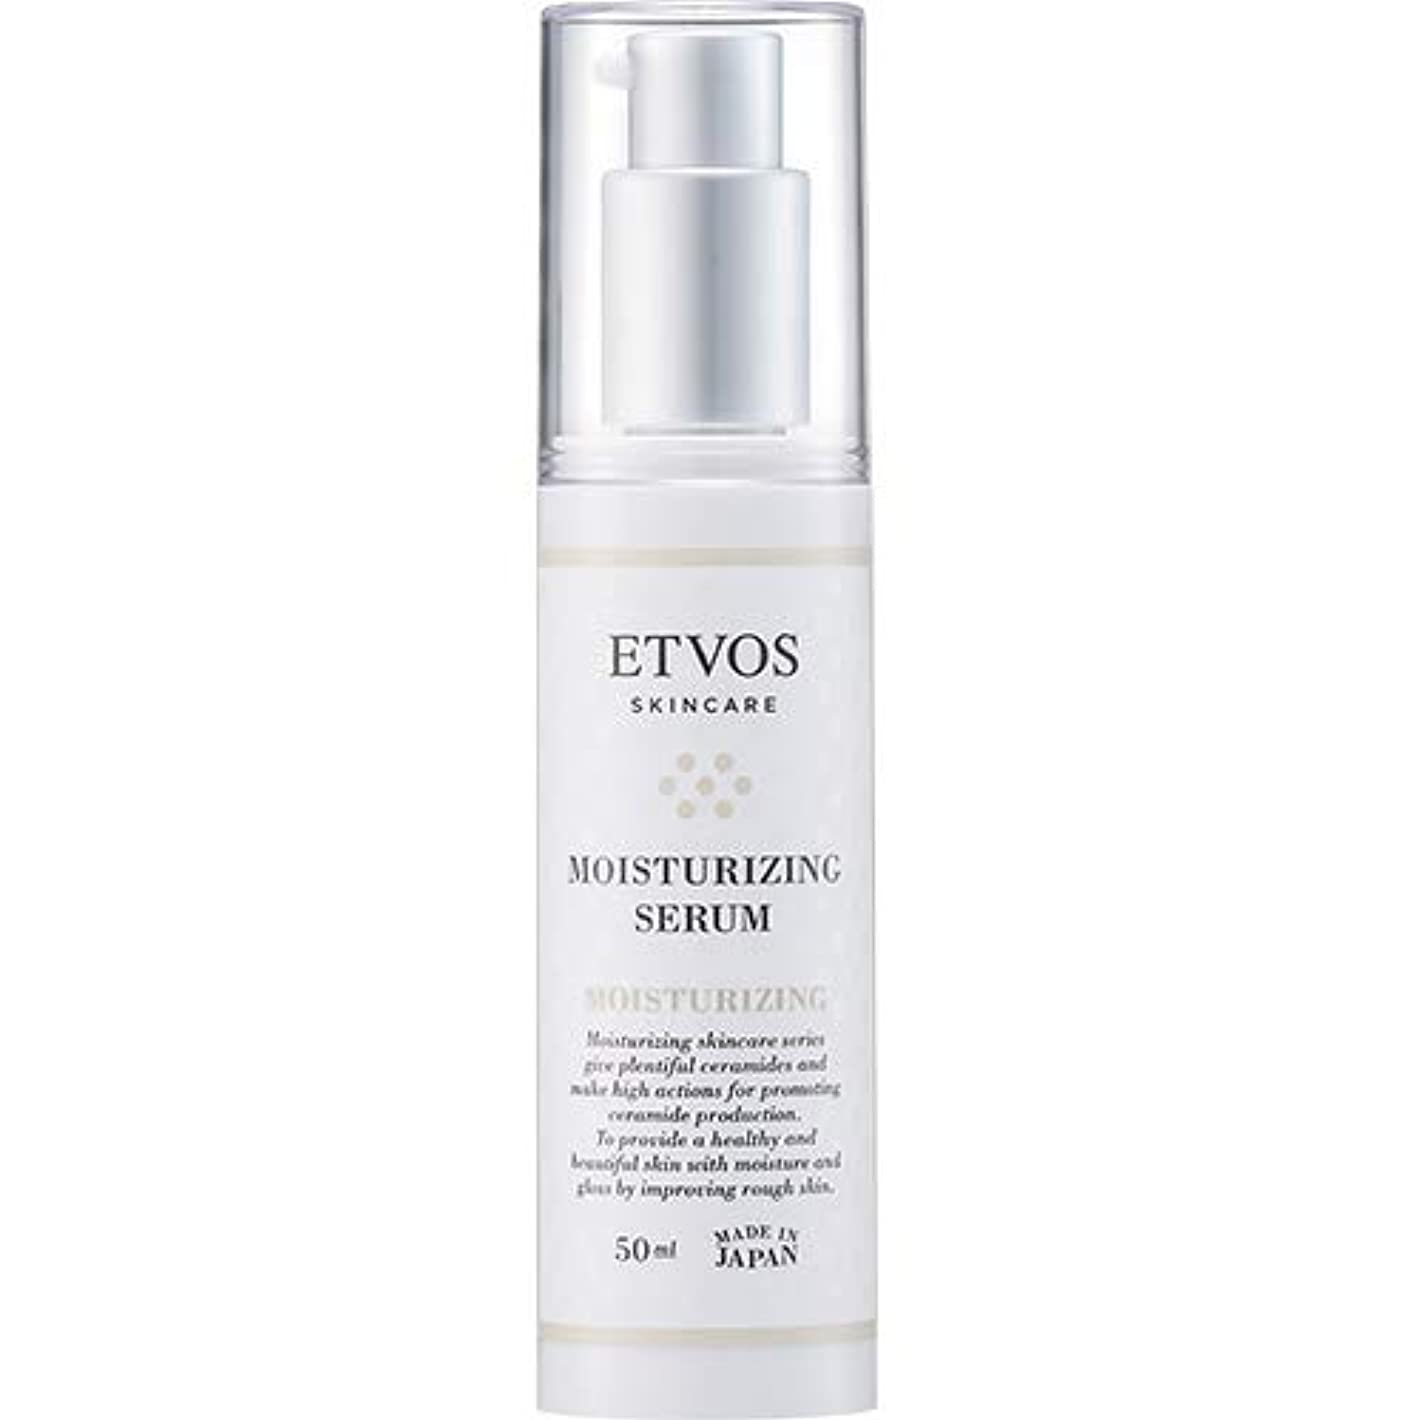 パースブラックボロウ家族魚ETVOS(エトヴォス) 保湿美容液 モイスチャライジングセラム 50ml ヒト型セラミド配合 乾燥肌/敏感肌 乳液